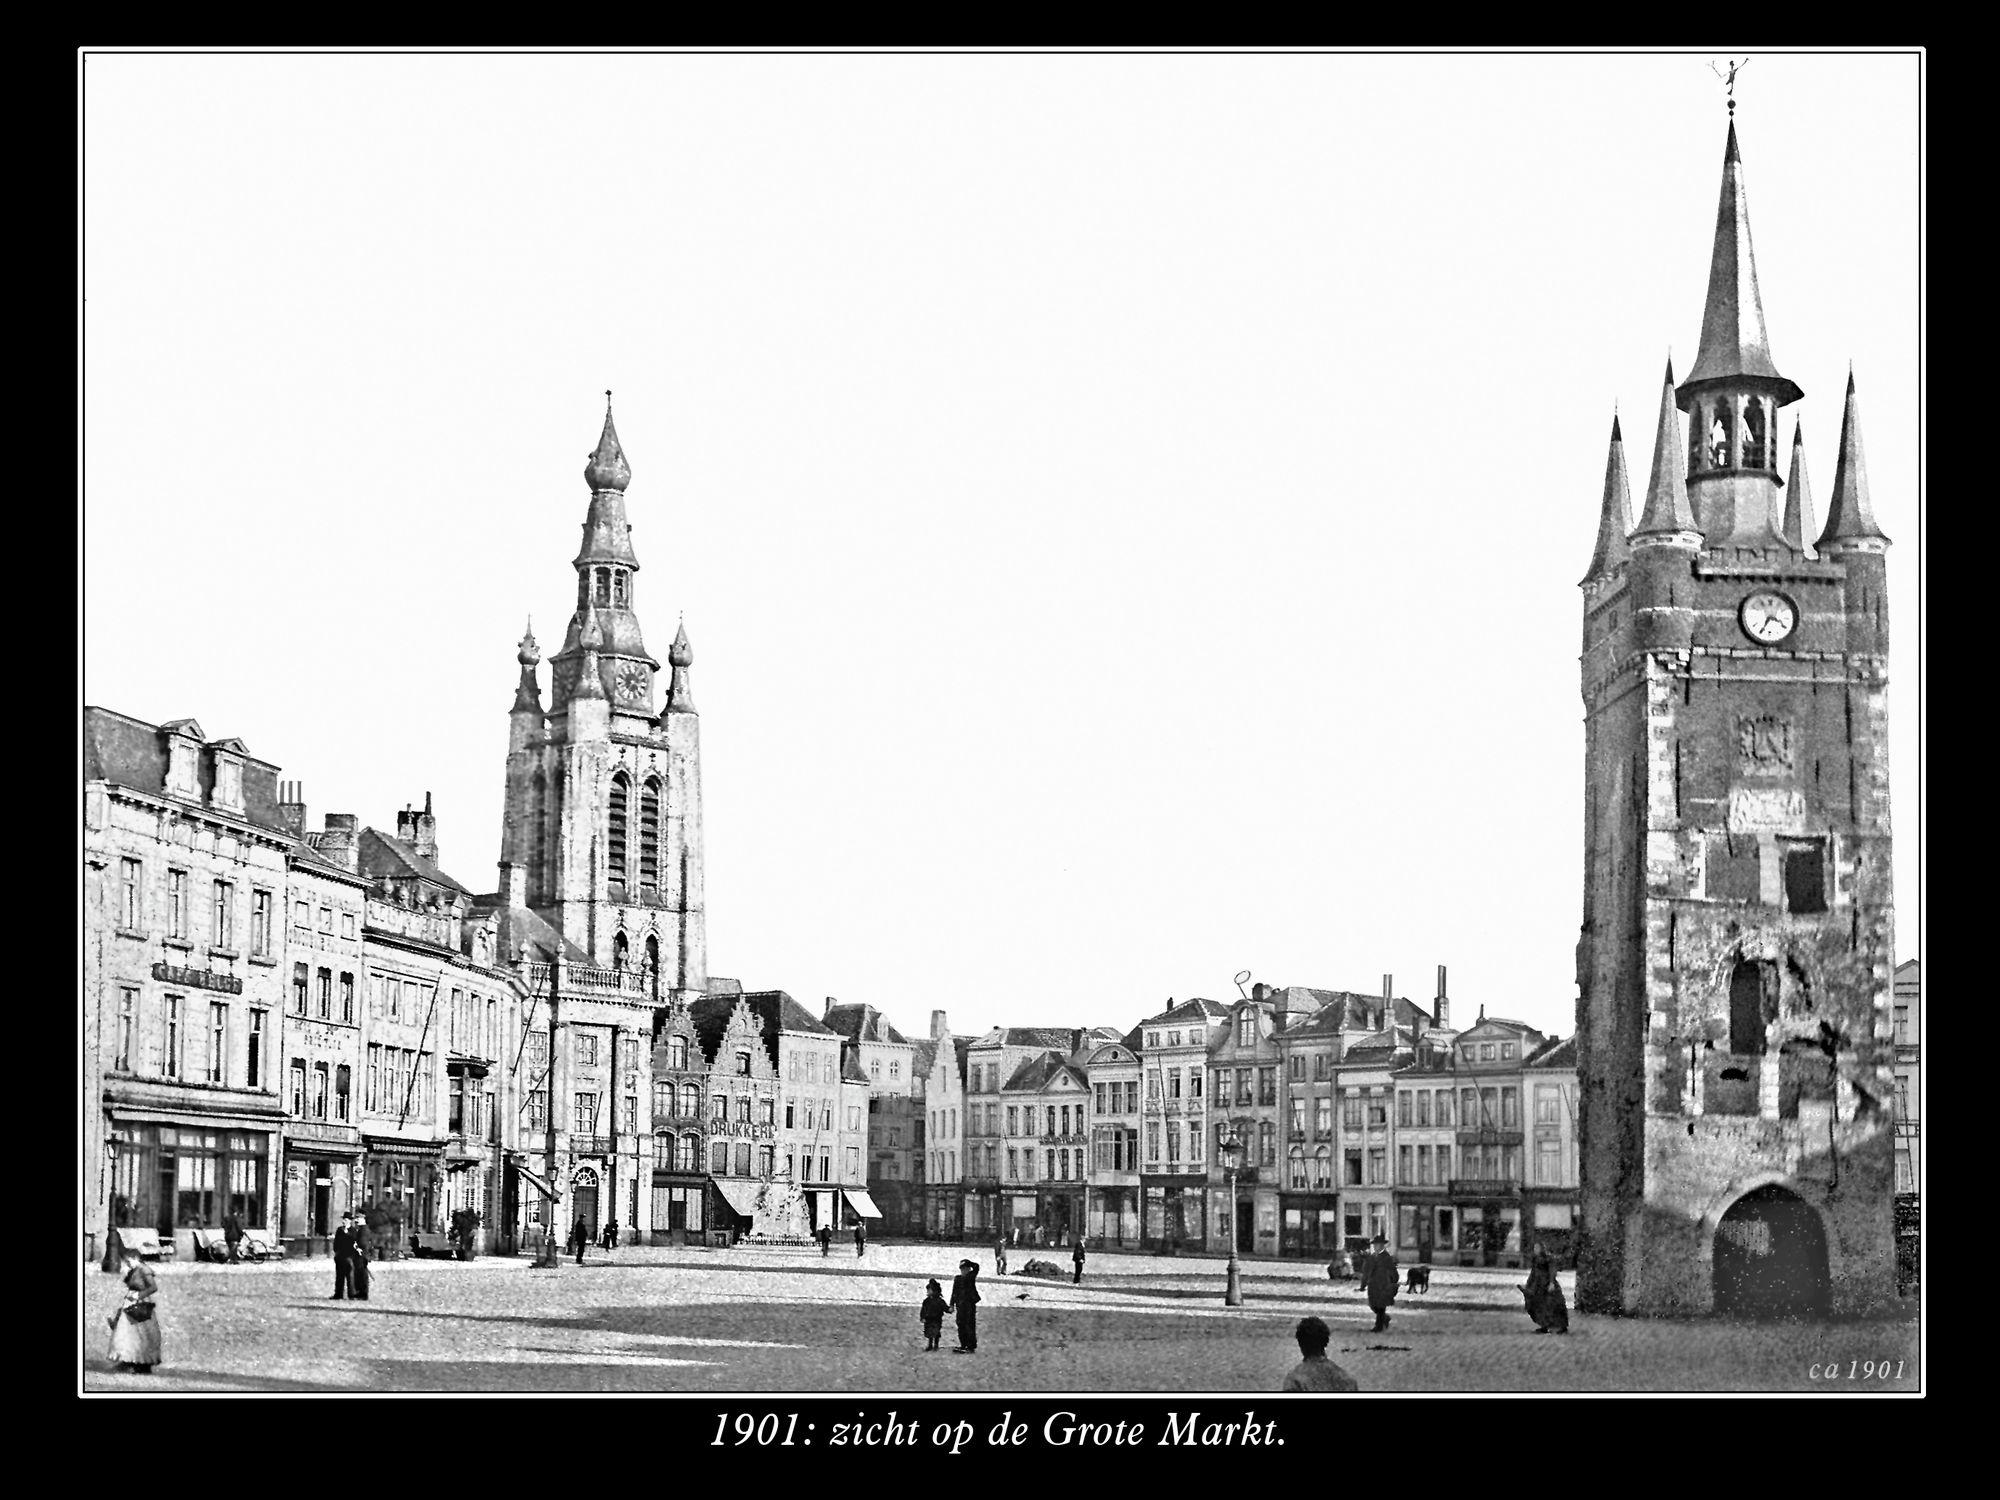 De Grote Markt anno 1901